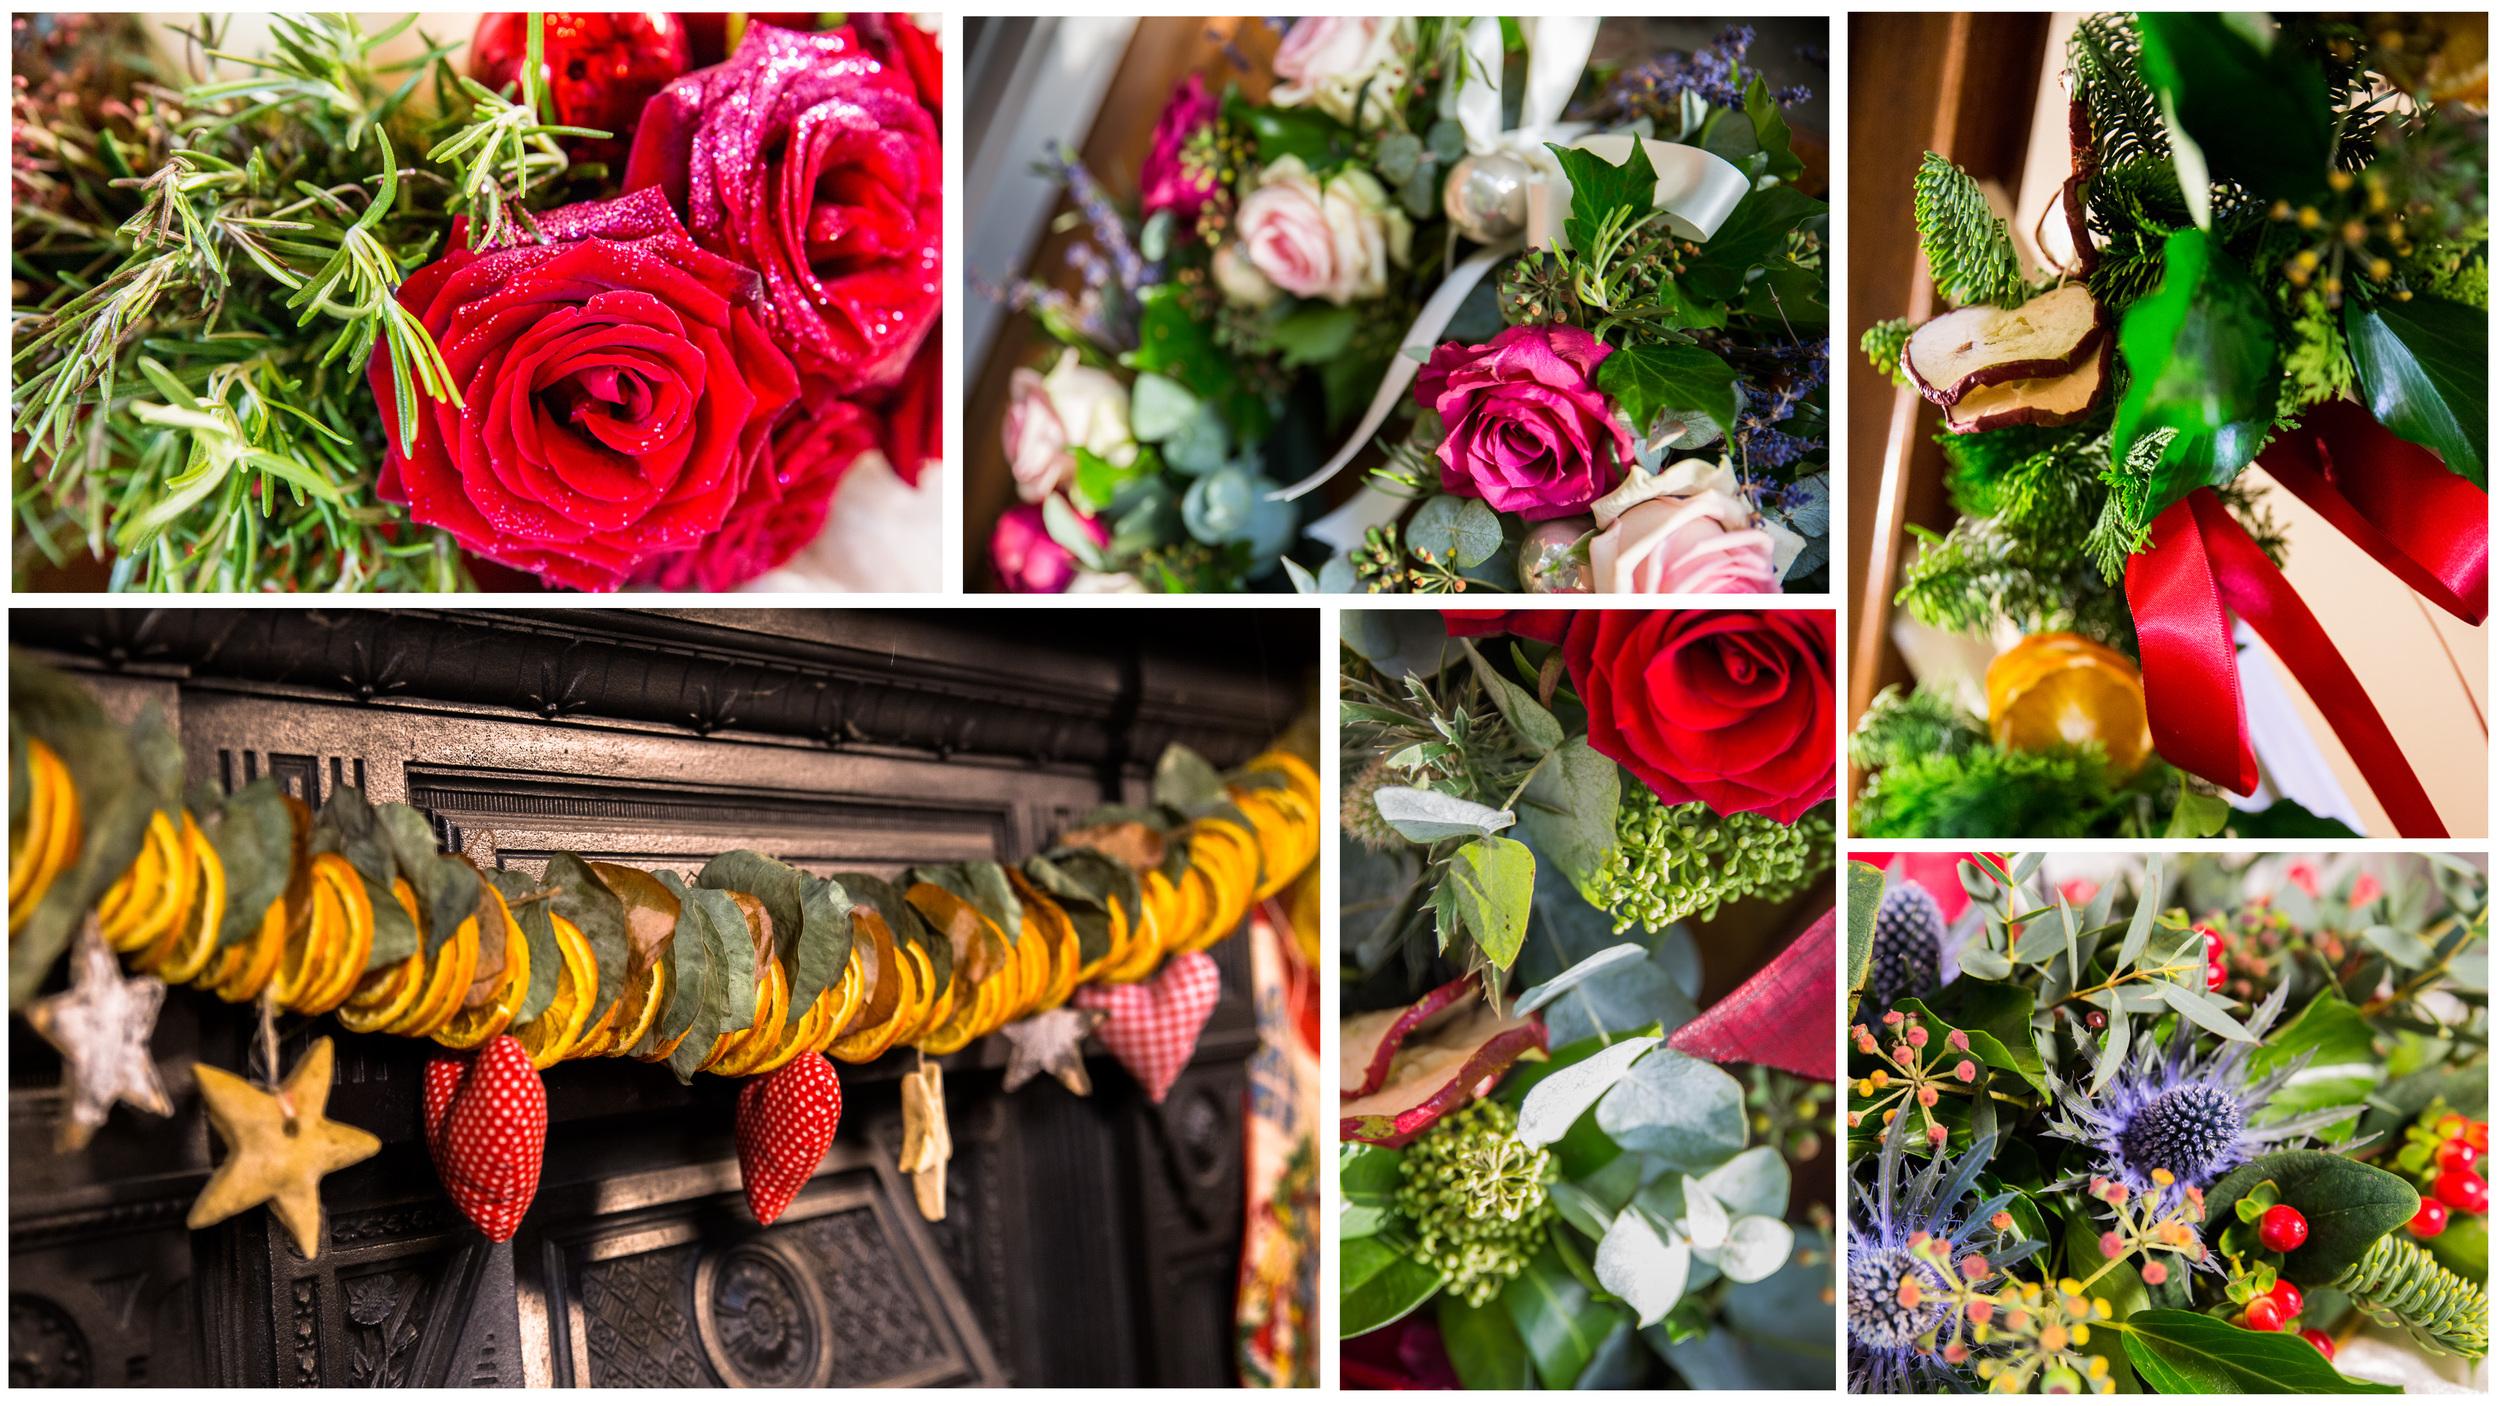 Adam_floral montage.jpg